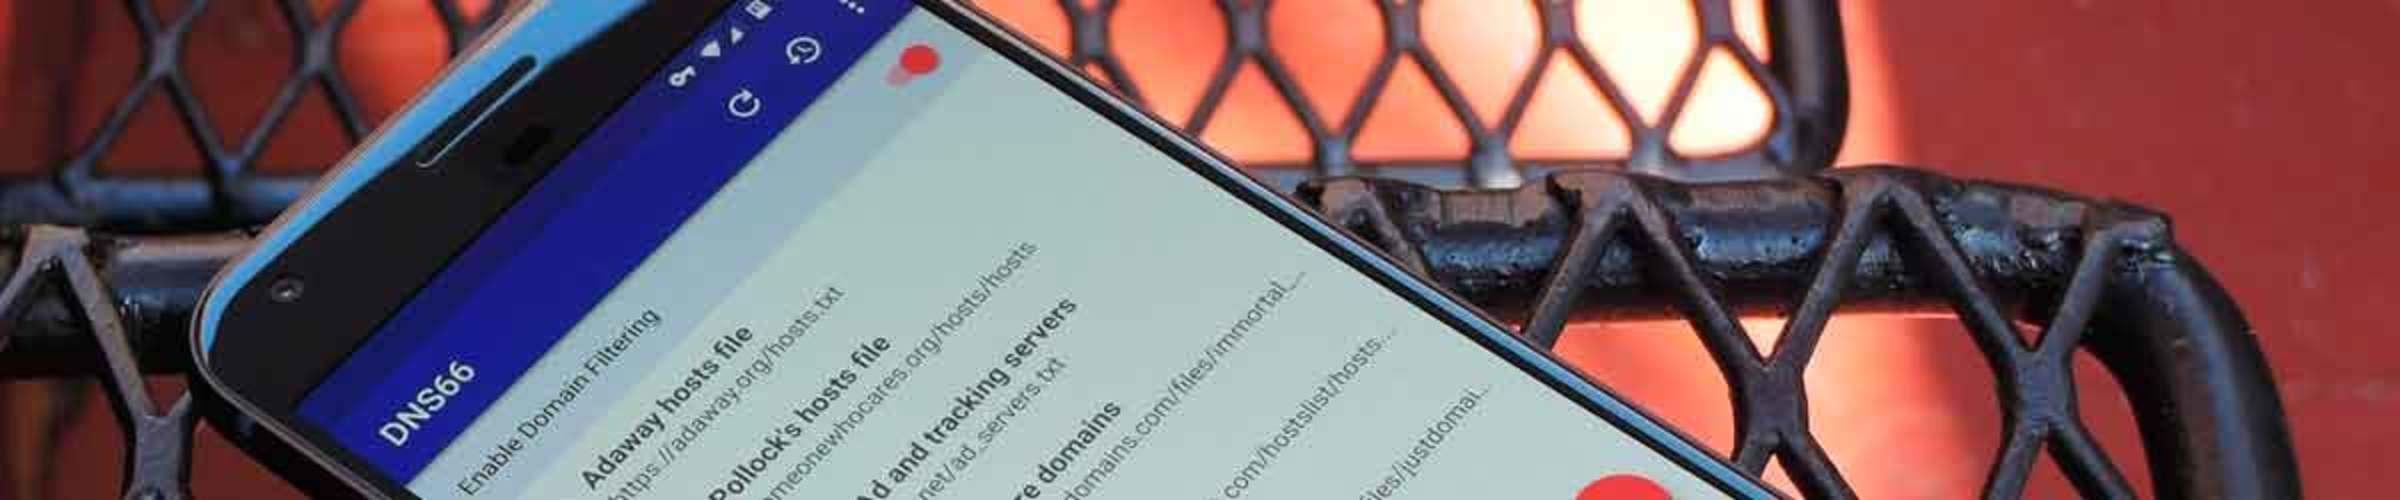 Как заблокировать рекламу на смартфоне андроид?